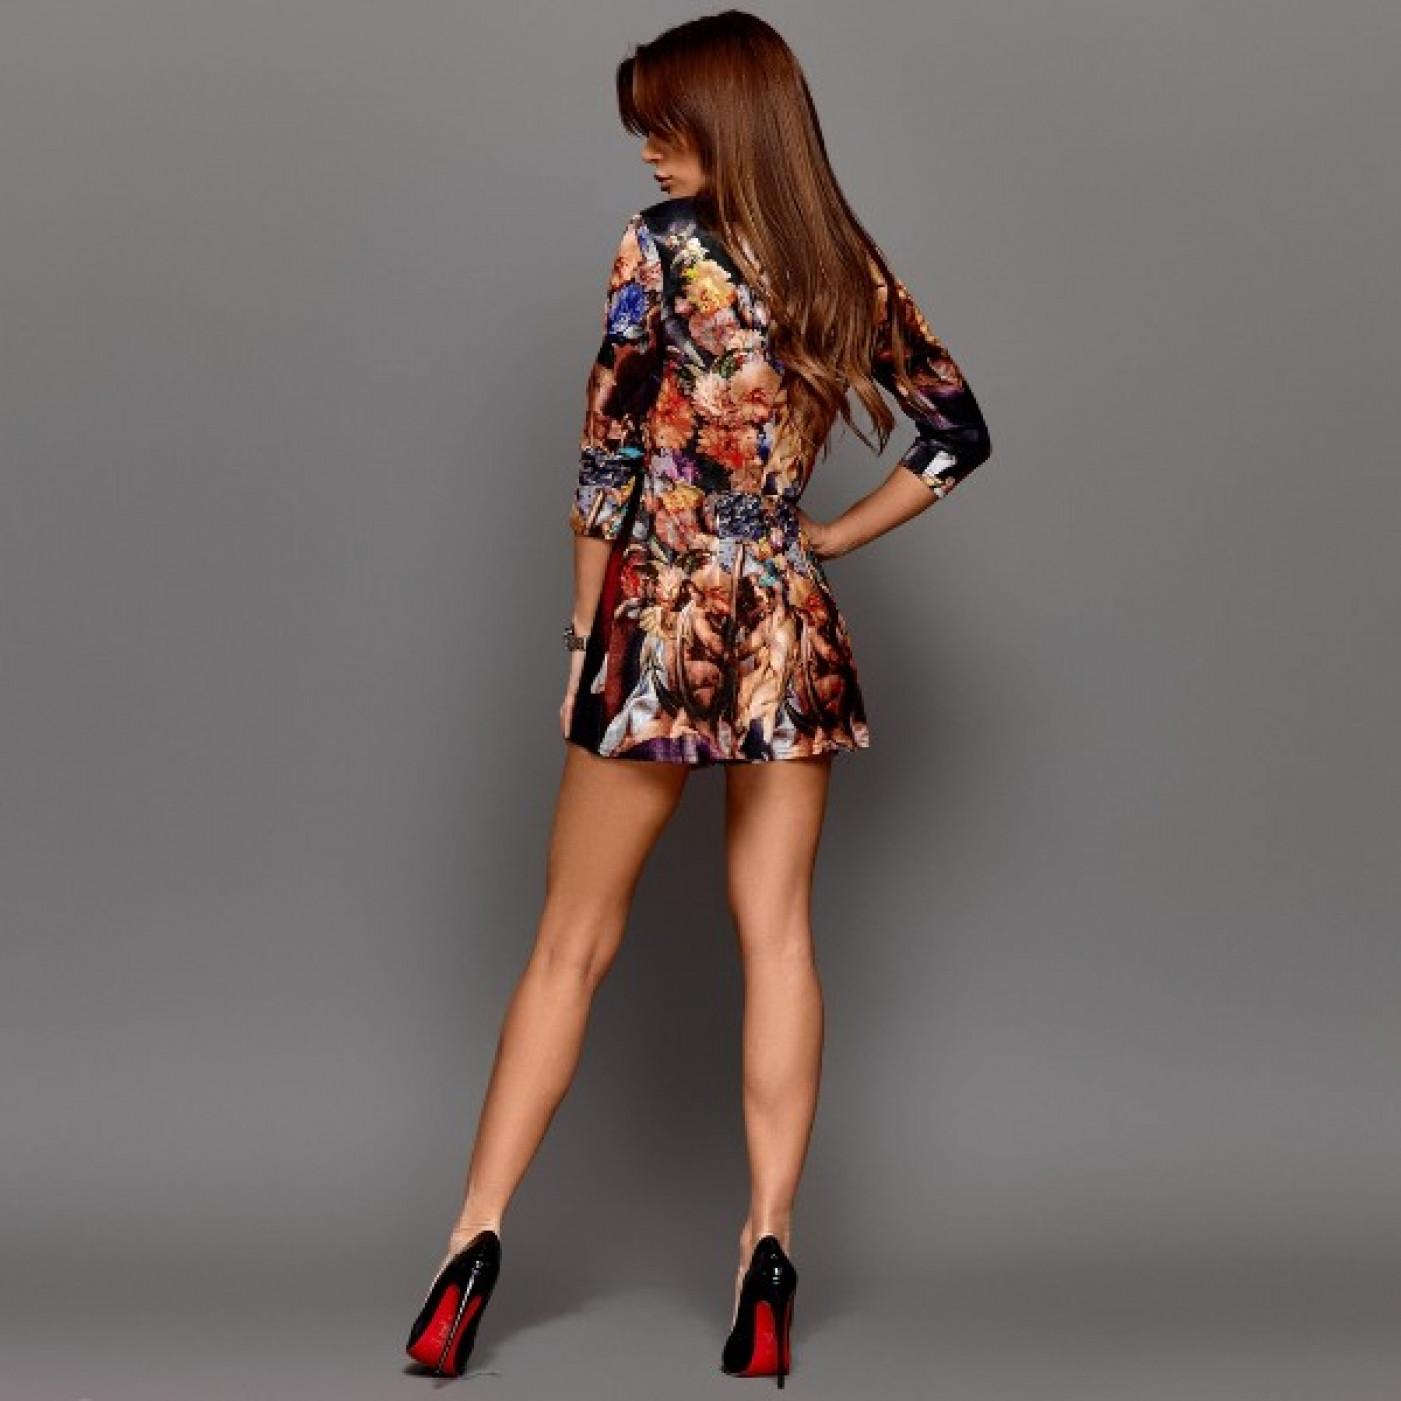 Ультрамодний сукню-комбінезон 10993